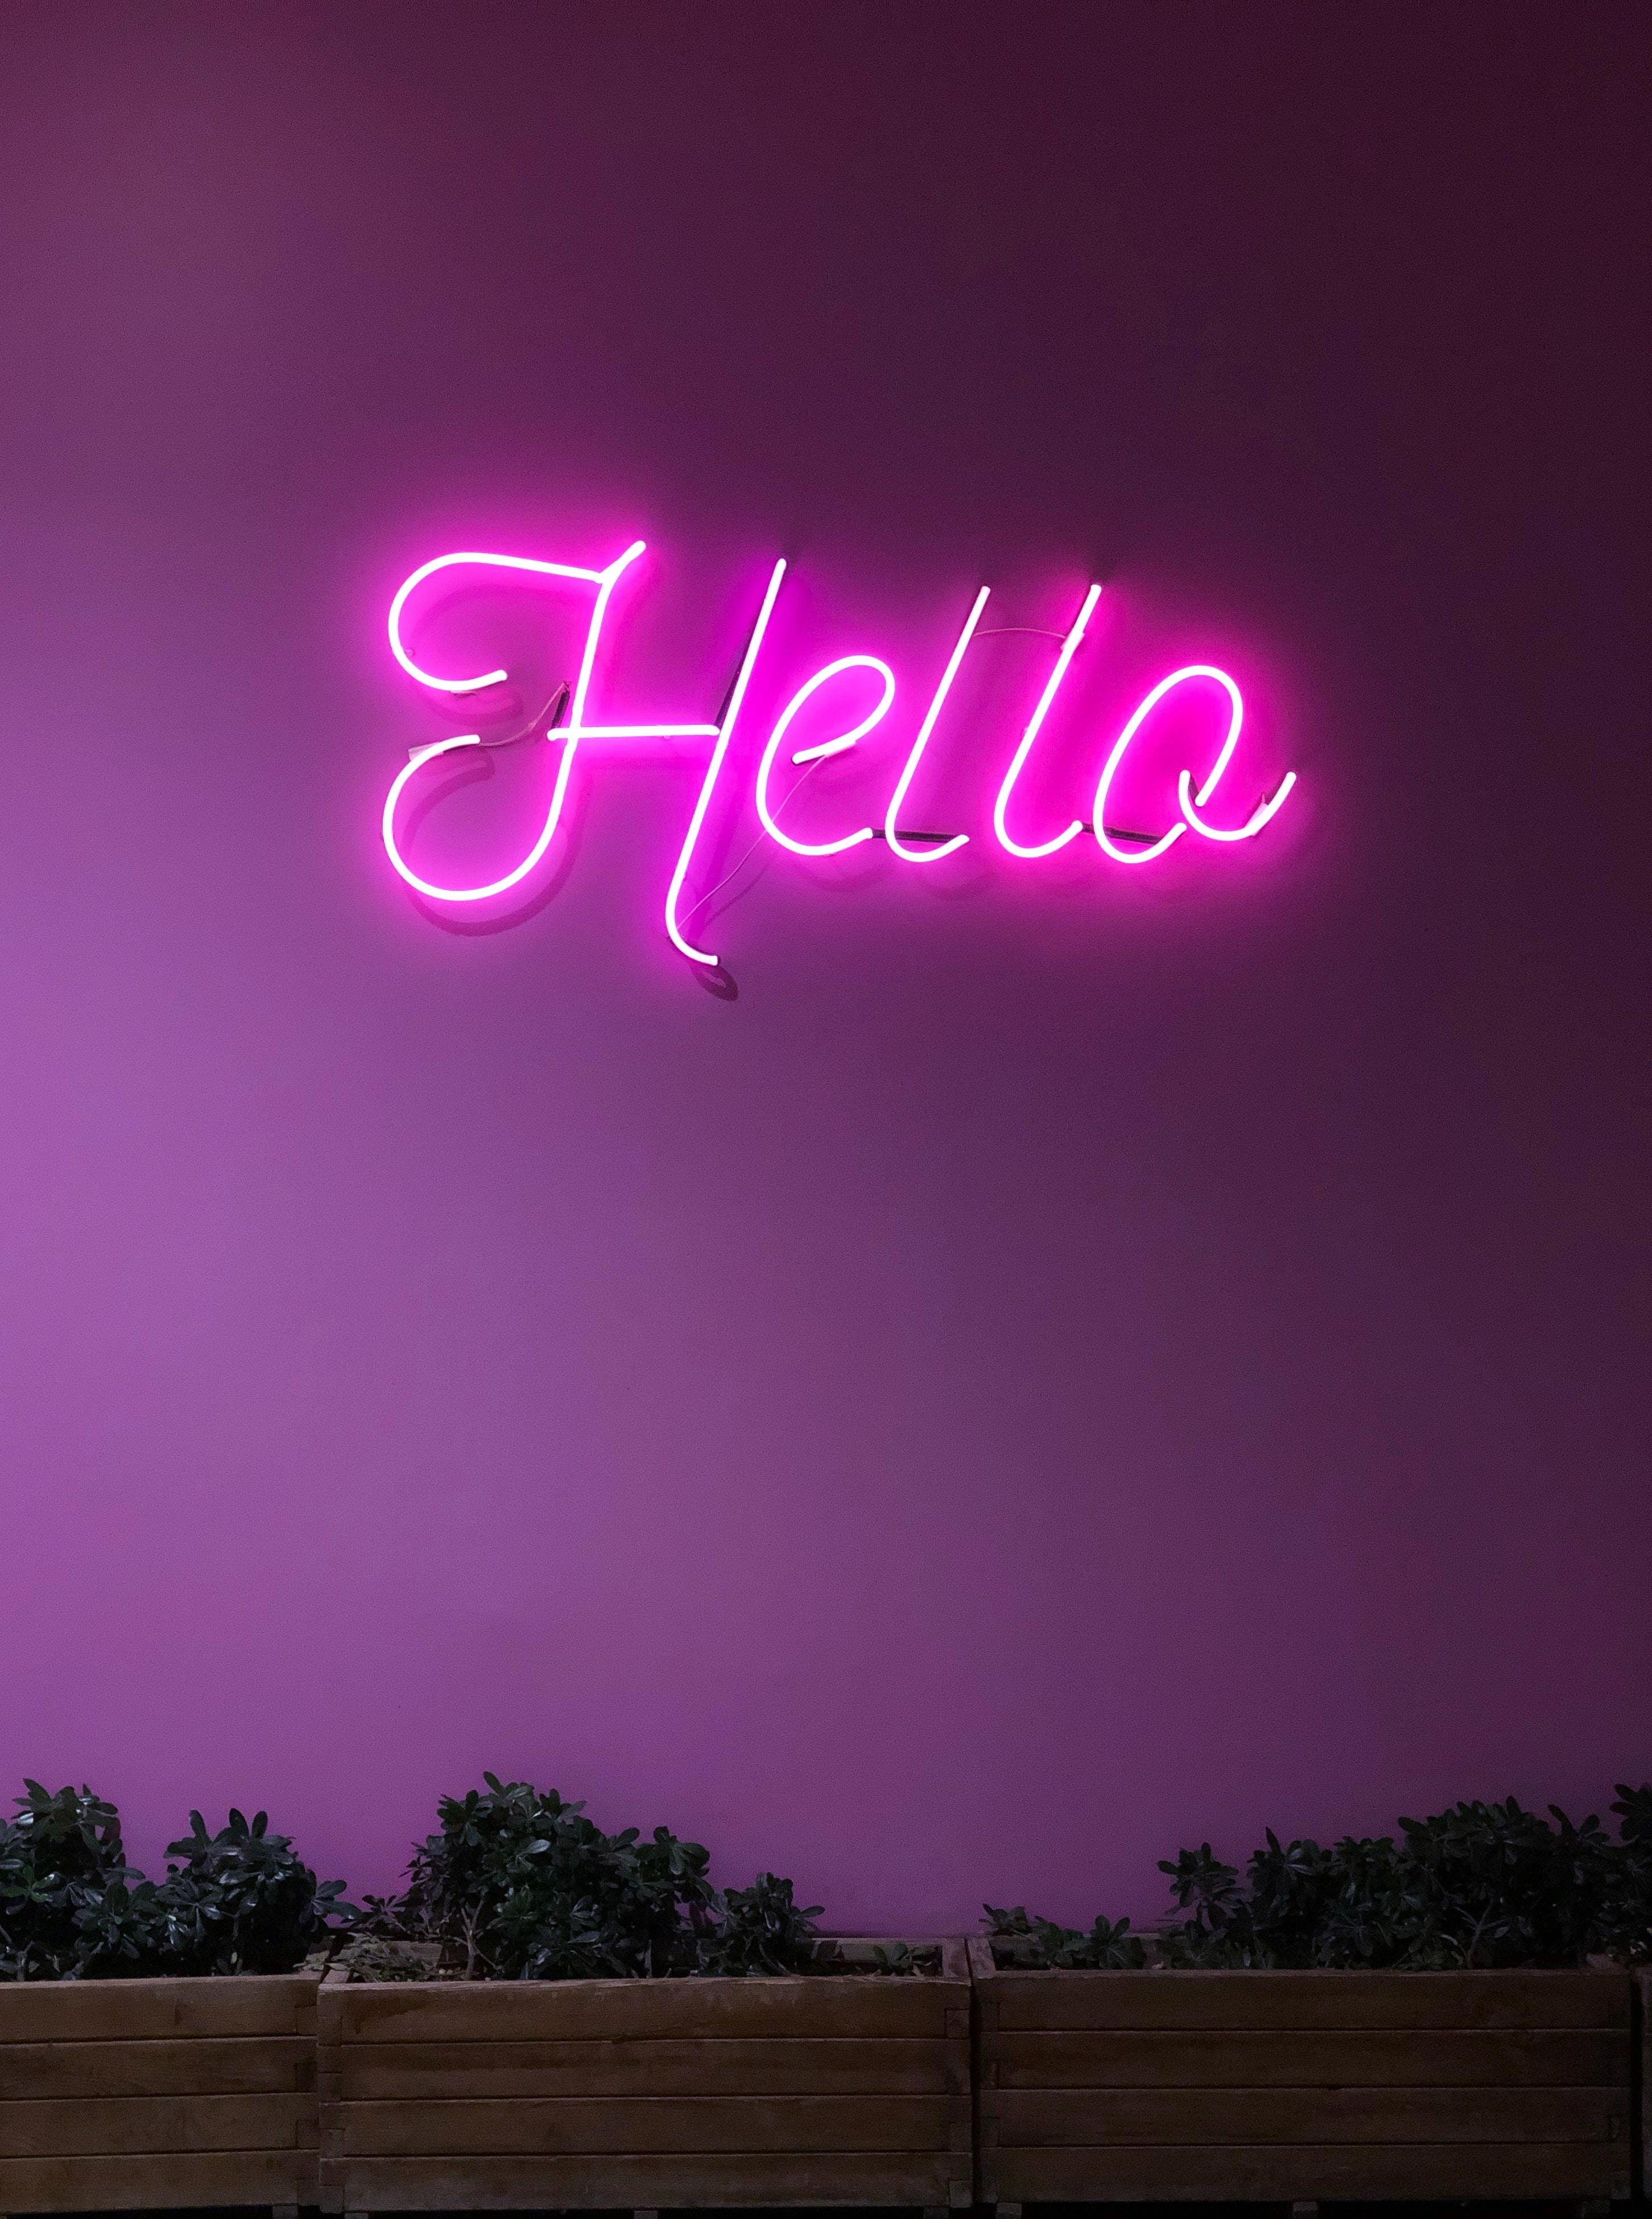 70954 Hintergrundbild herunterladen Zeichen, Die Wörter, Wörter, Scheinen, Licht, Schild, Neon, Inschrift, Elektrizität, Strom, Hallo - Bildschirmschoner und Bilder kostenlos